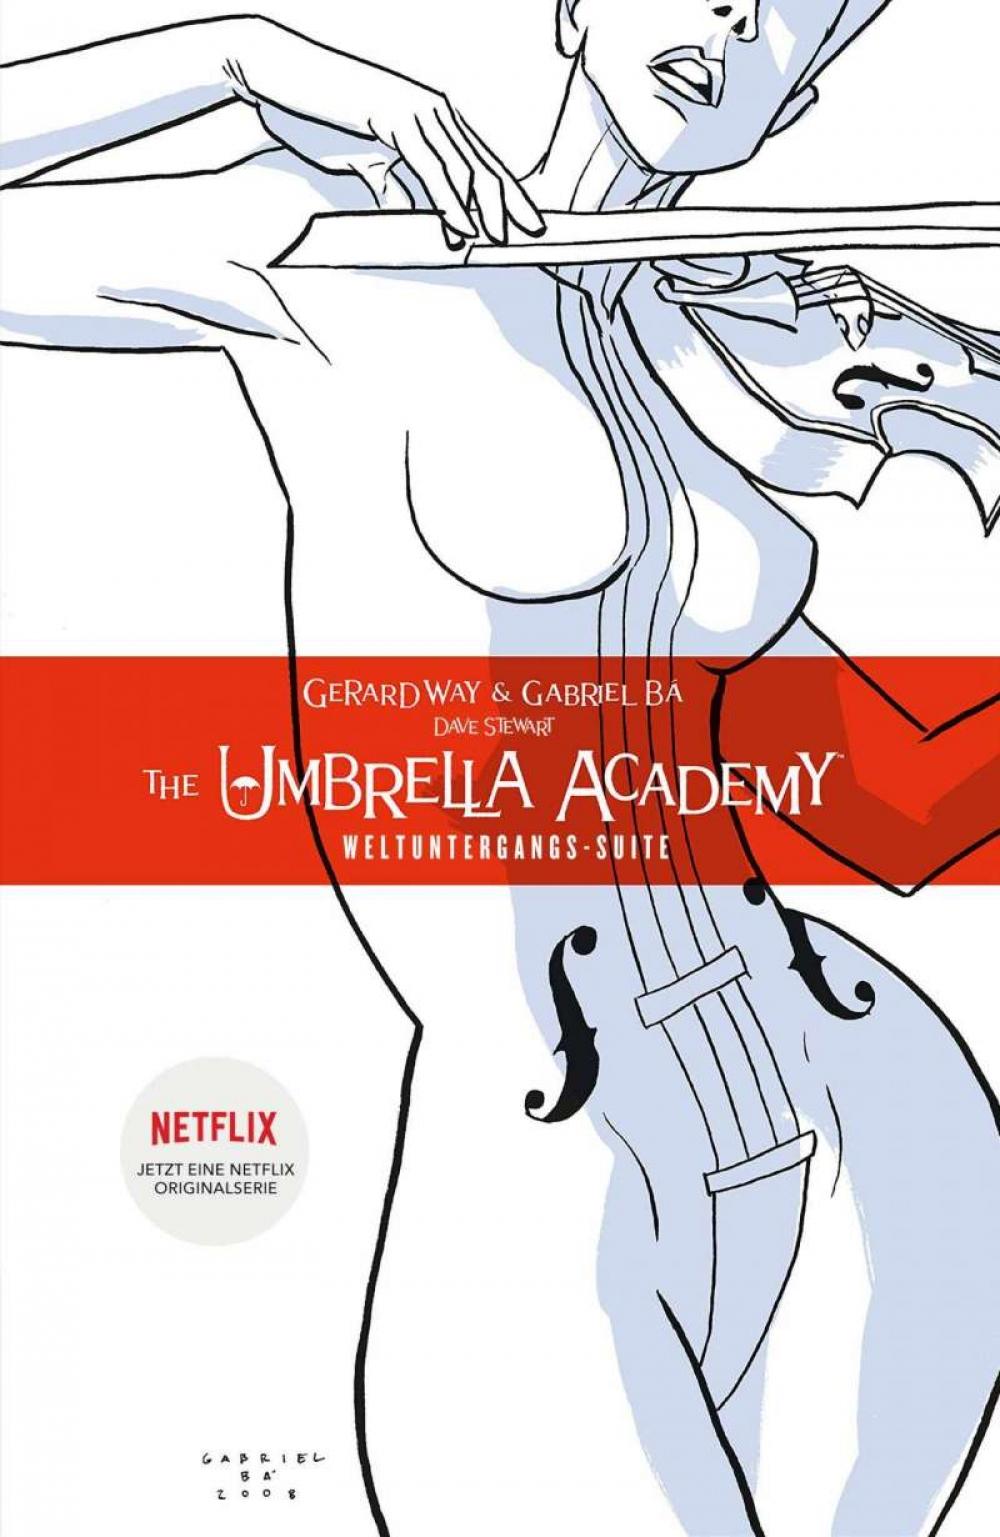 Bilderbox Vienna Comic Und Graphic Novel